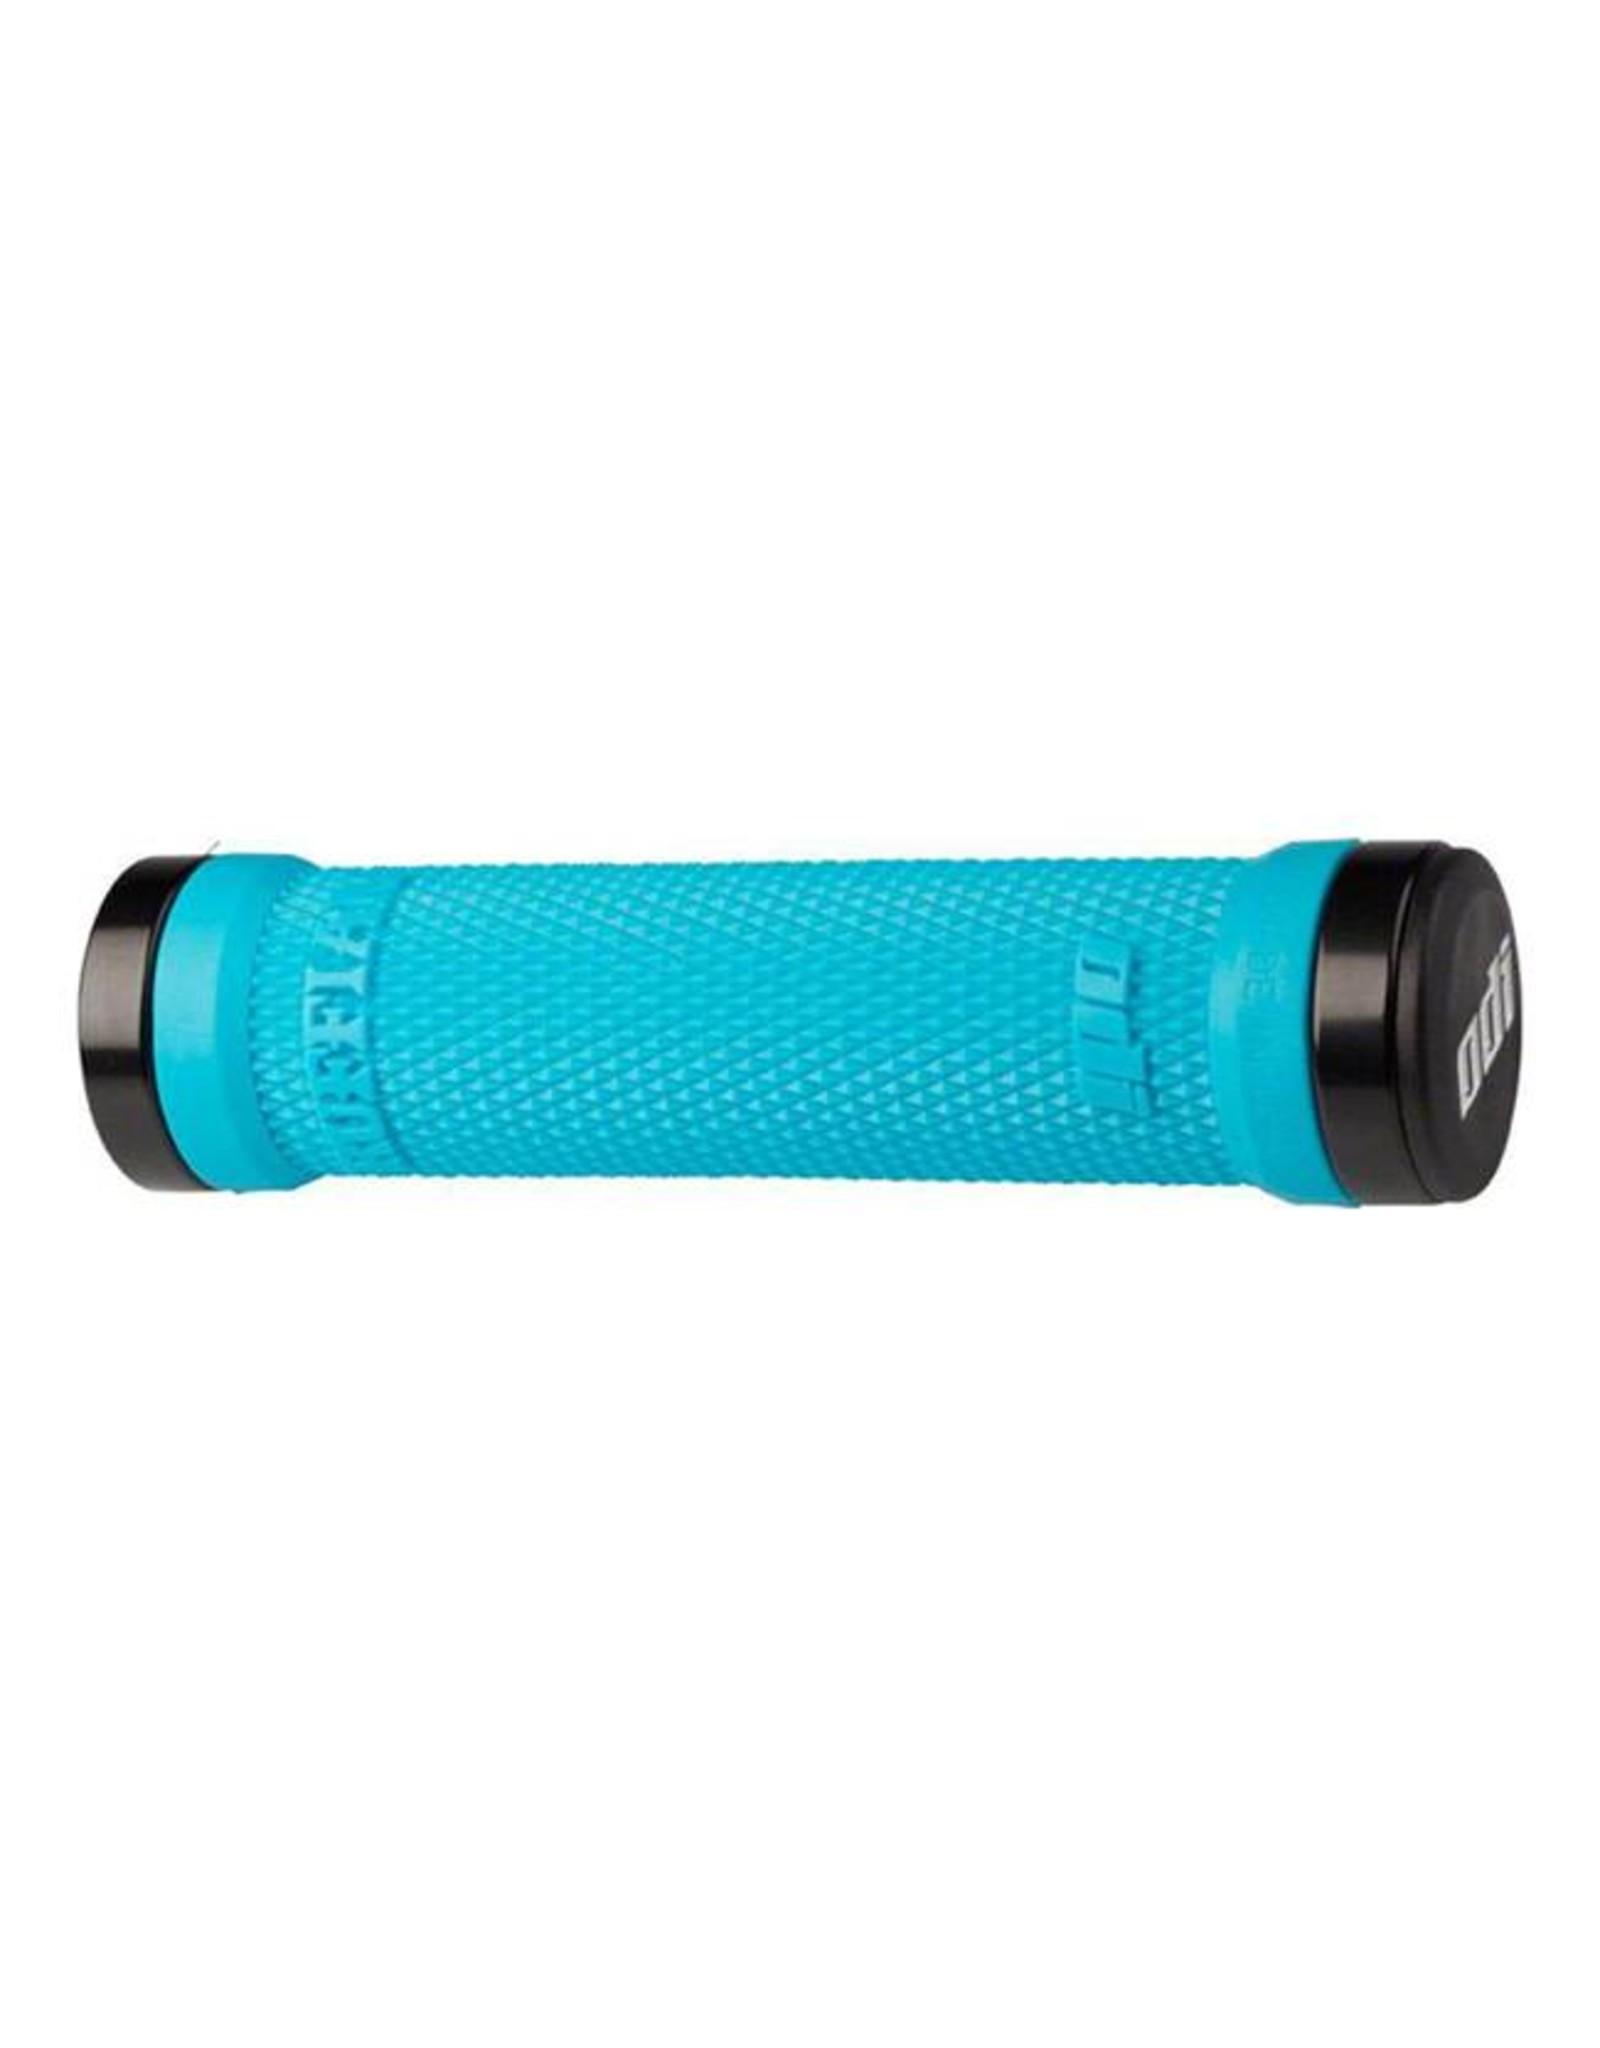 ODI ODI Ruffian MTB Lock On Grips 130mm Aqua